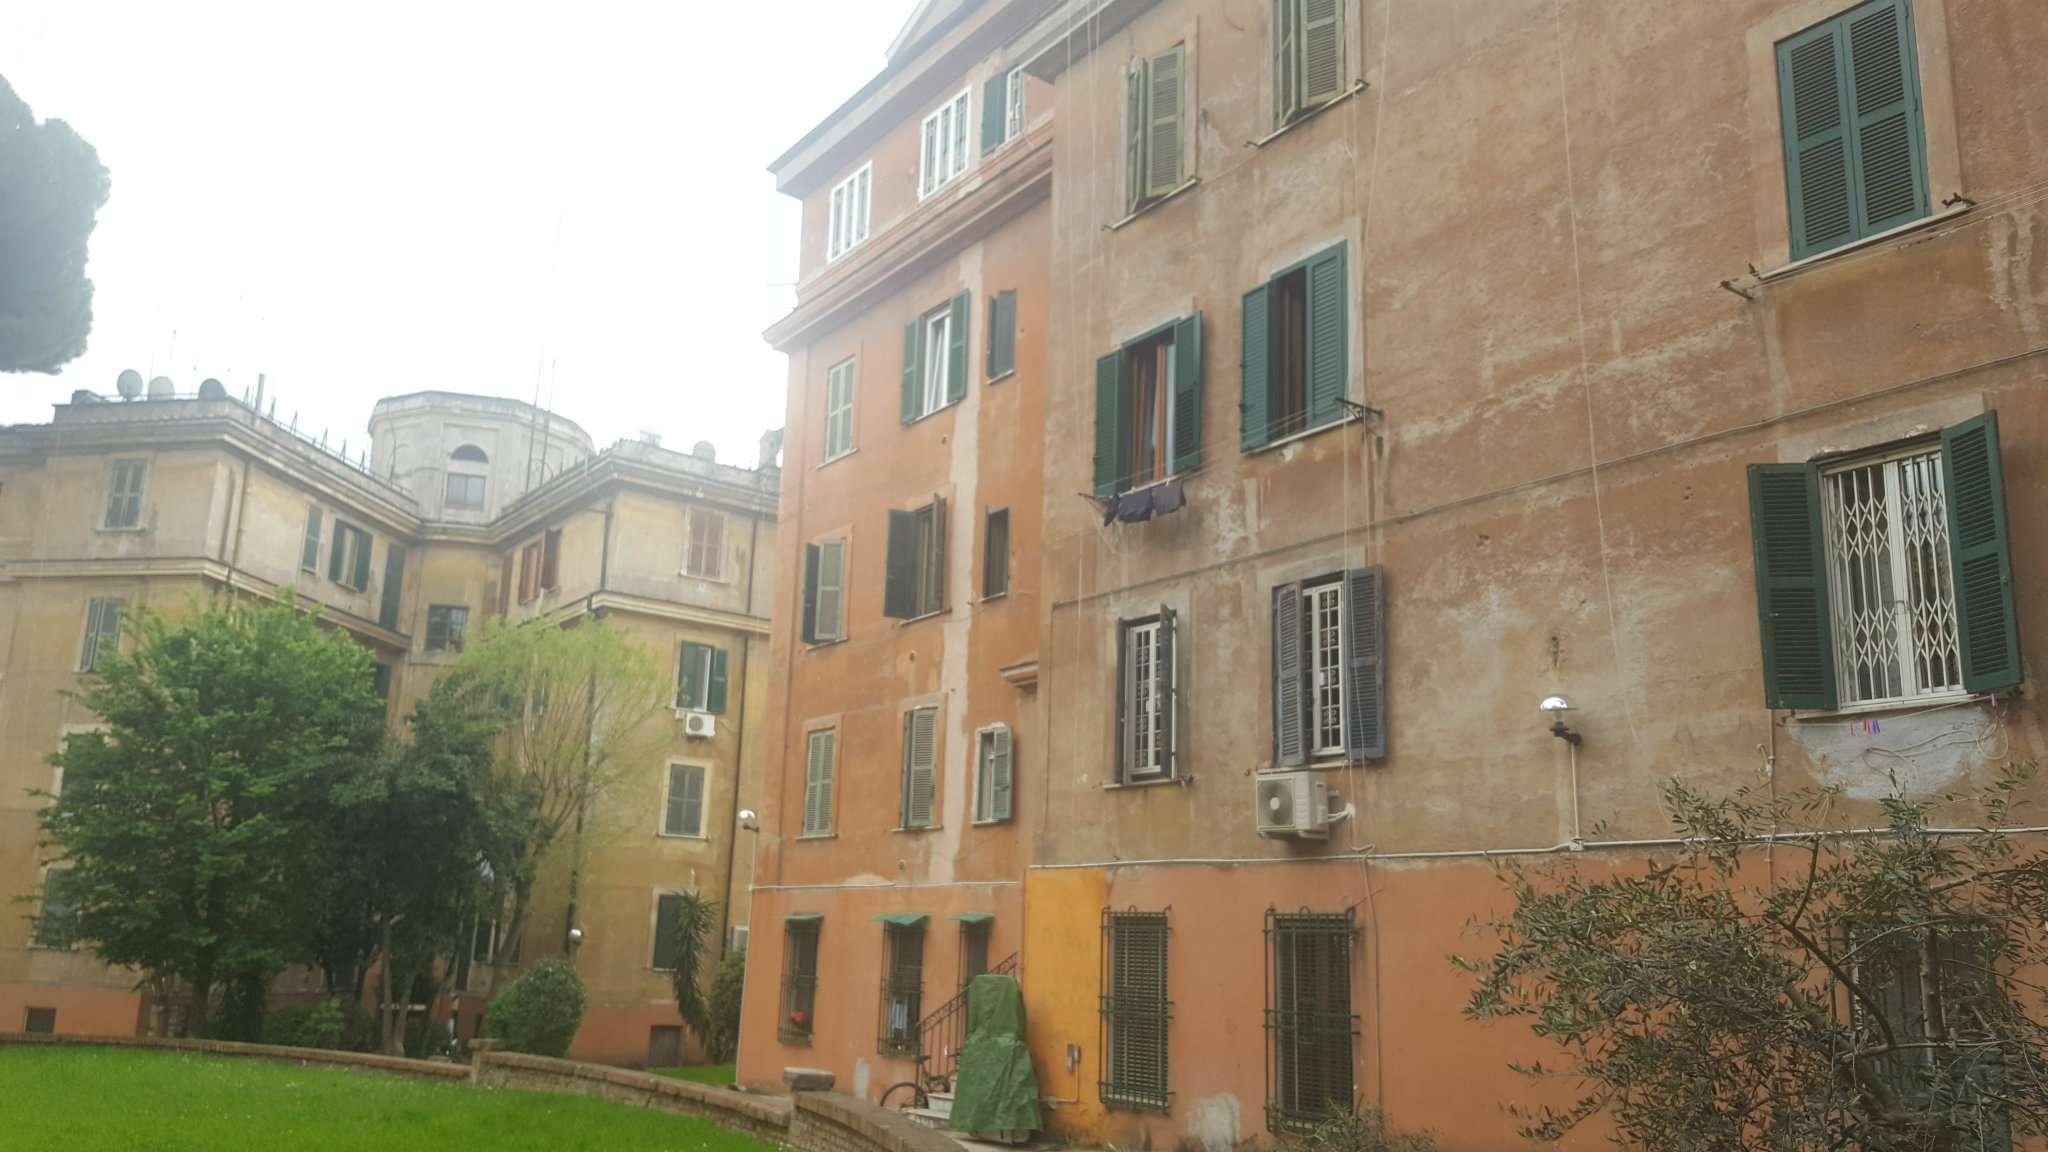 Appartamento in vendita a Roma, 3 locali, zona Zona: 4 . Nomentano, Bologna, Policlinico, prezzo € 285.000 | CambioCasa.it